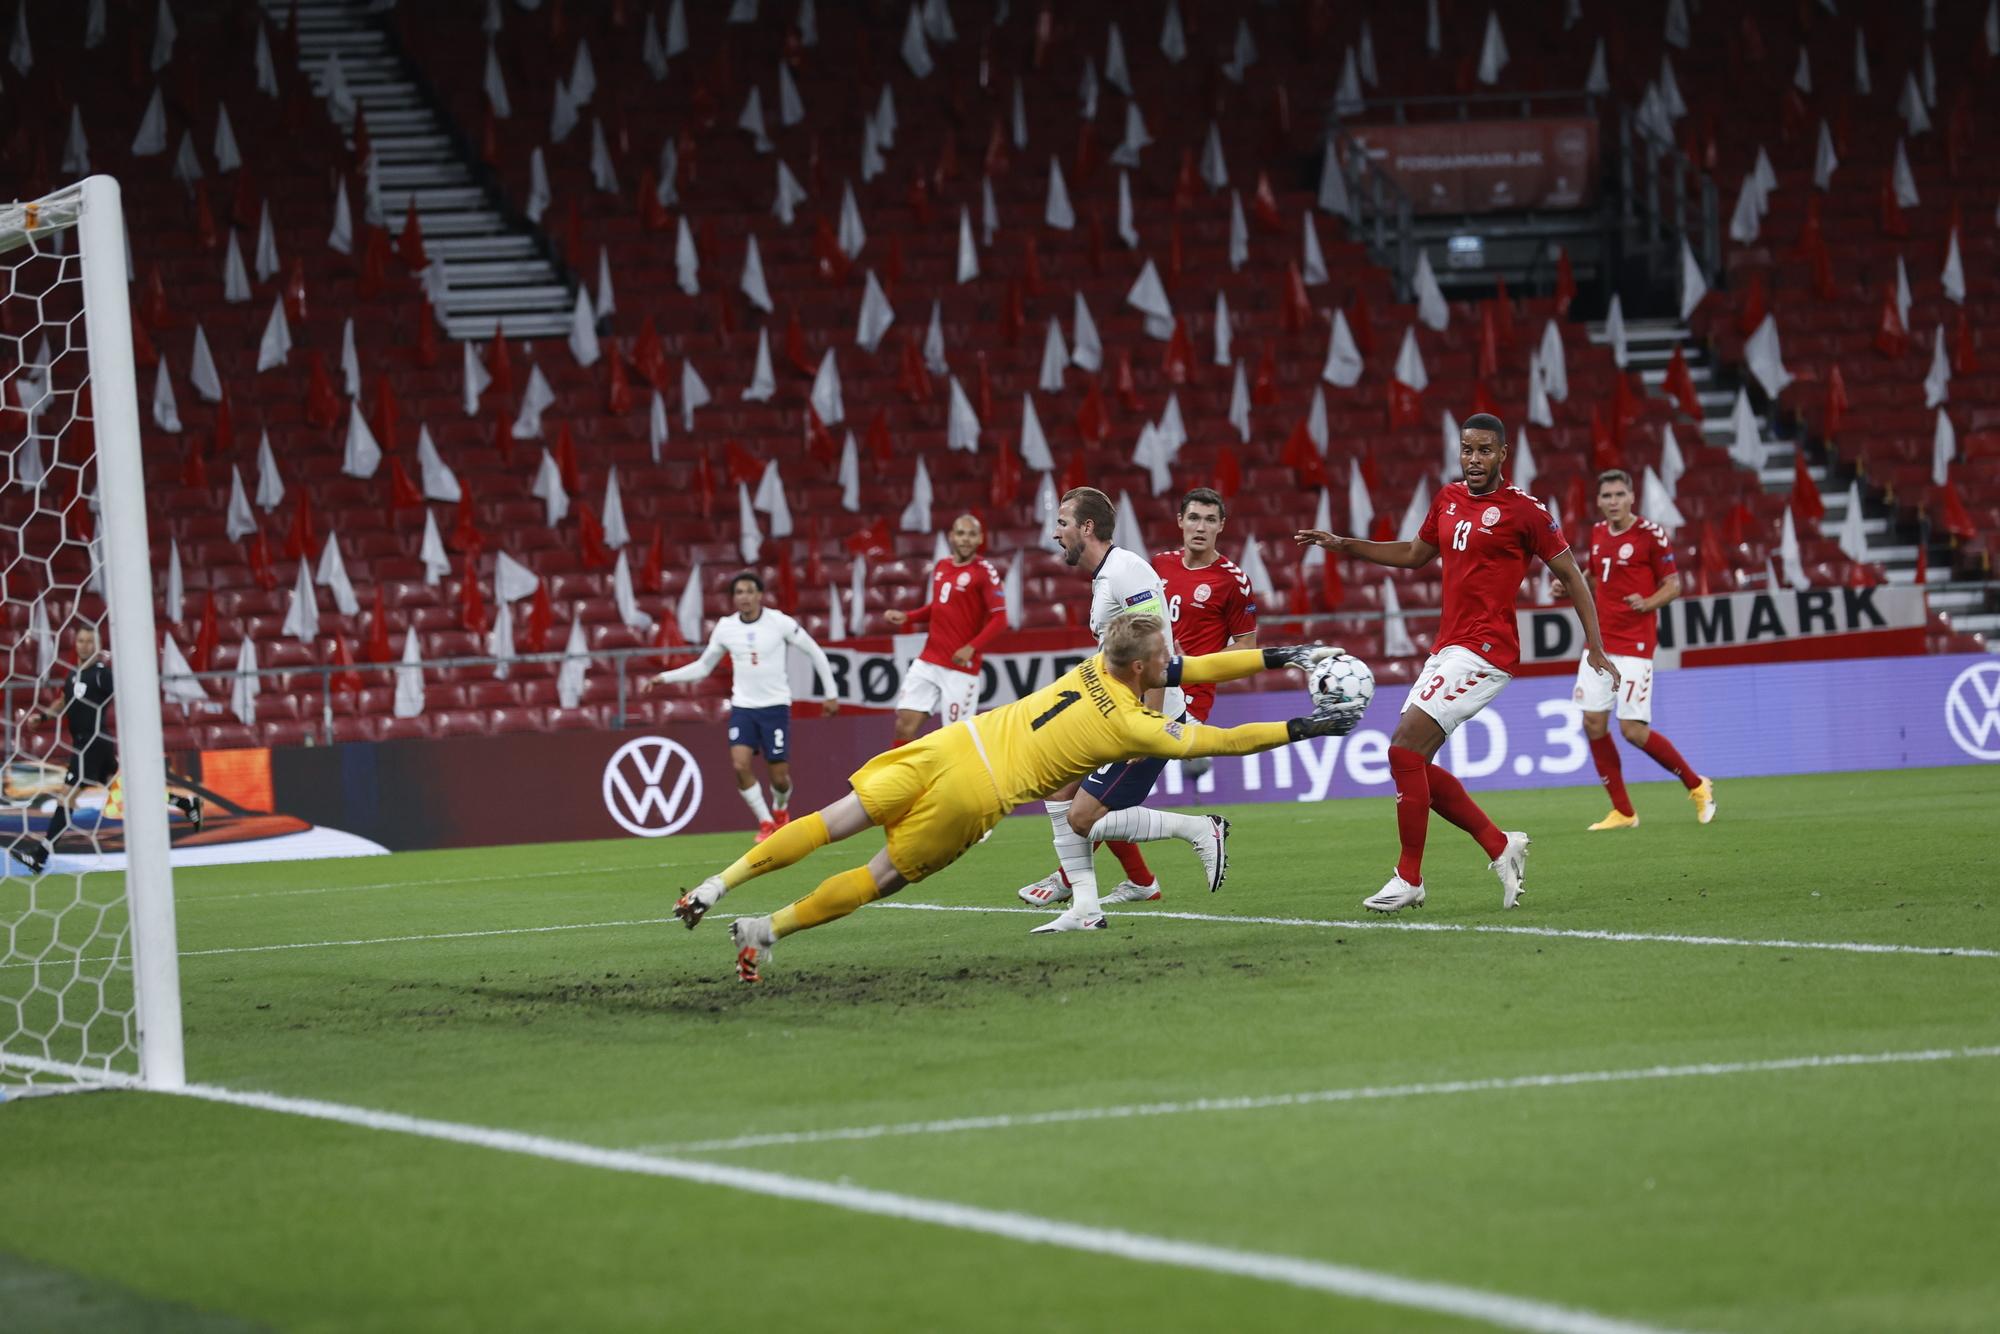 شمايكل حارس مرمى الدنمارك خلال التصدى لأحد الكرة الخطيرة